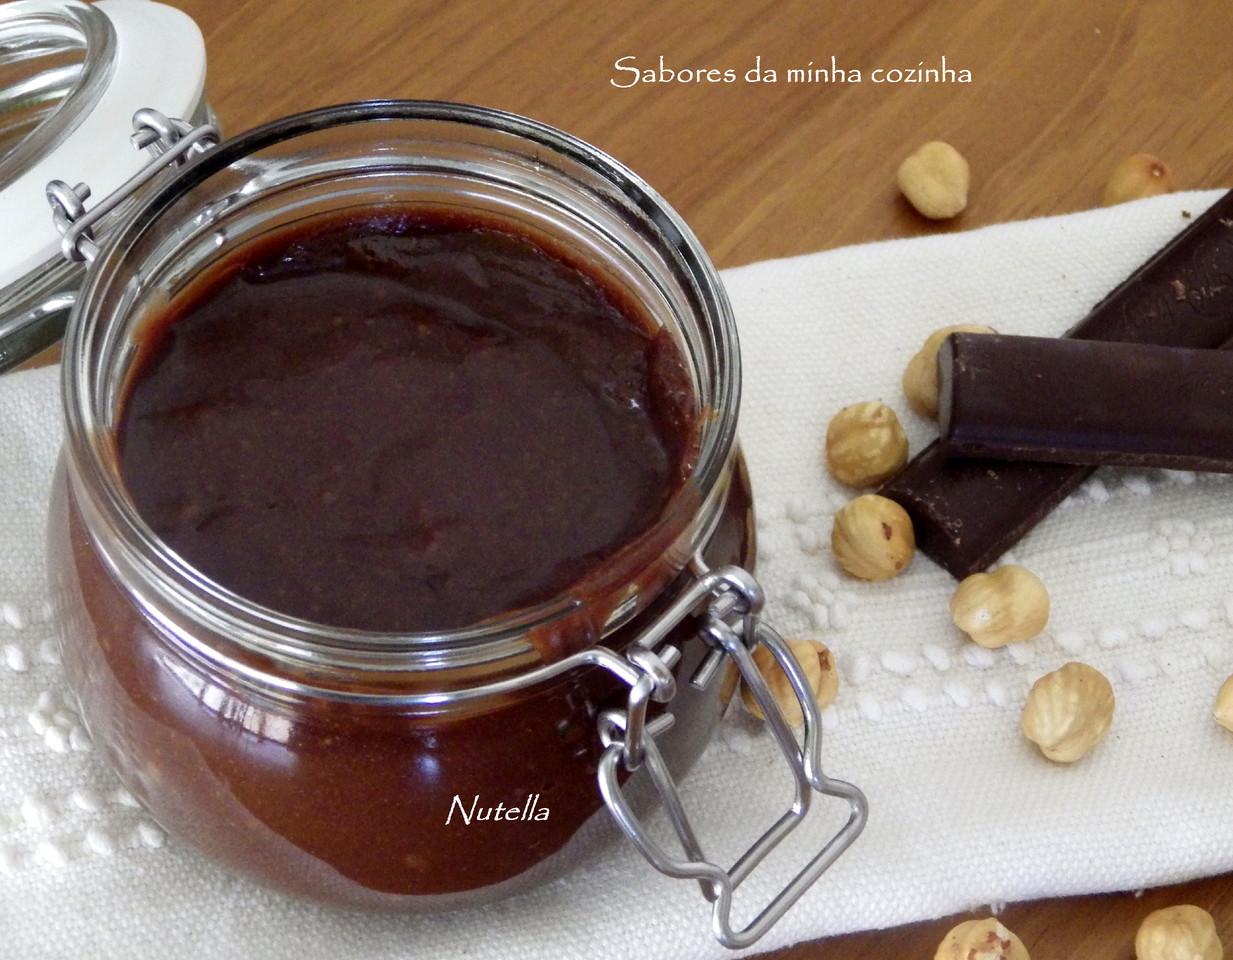 IMGP4798-Nutella-Blog.JPG